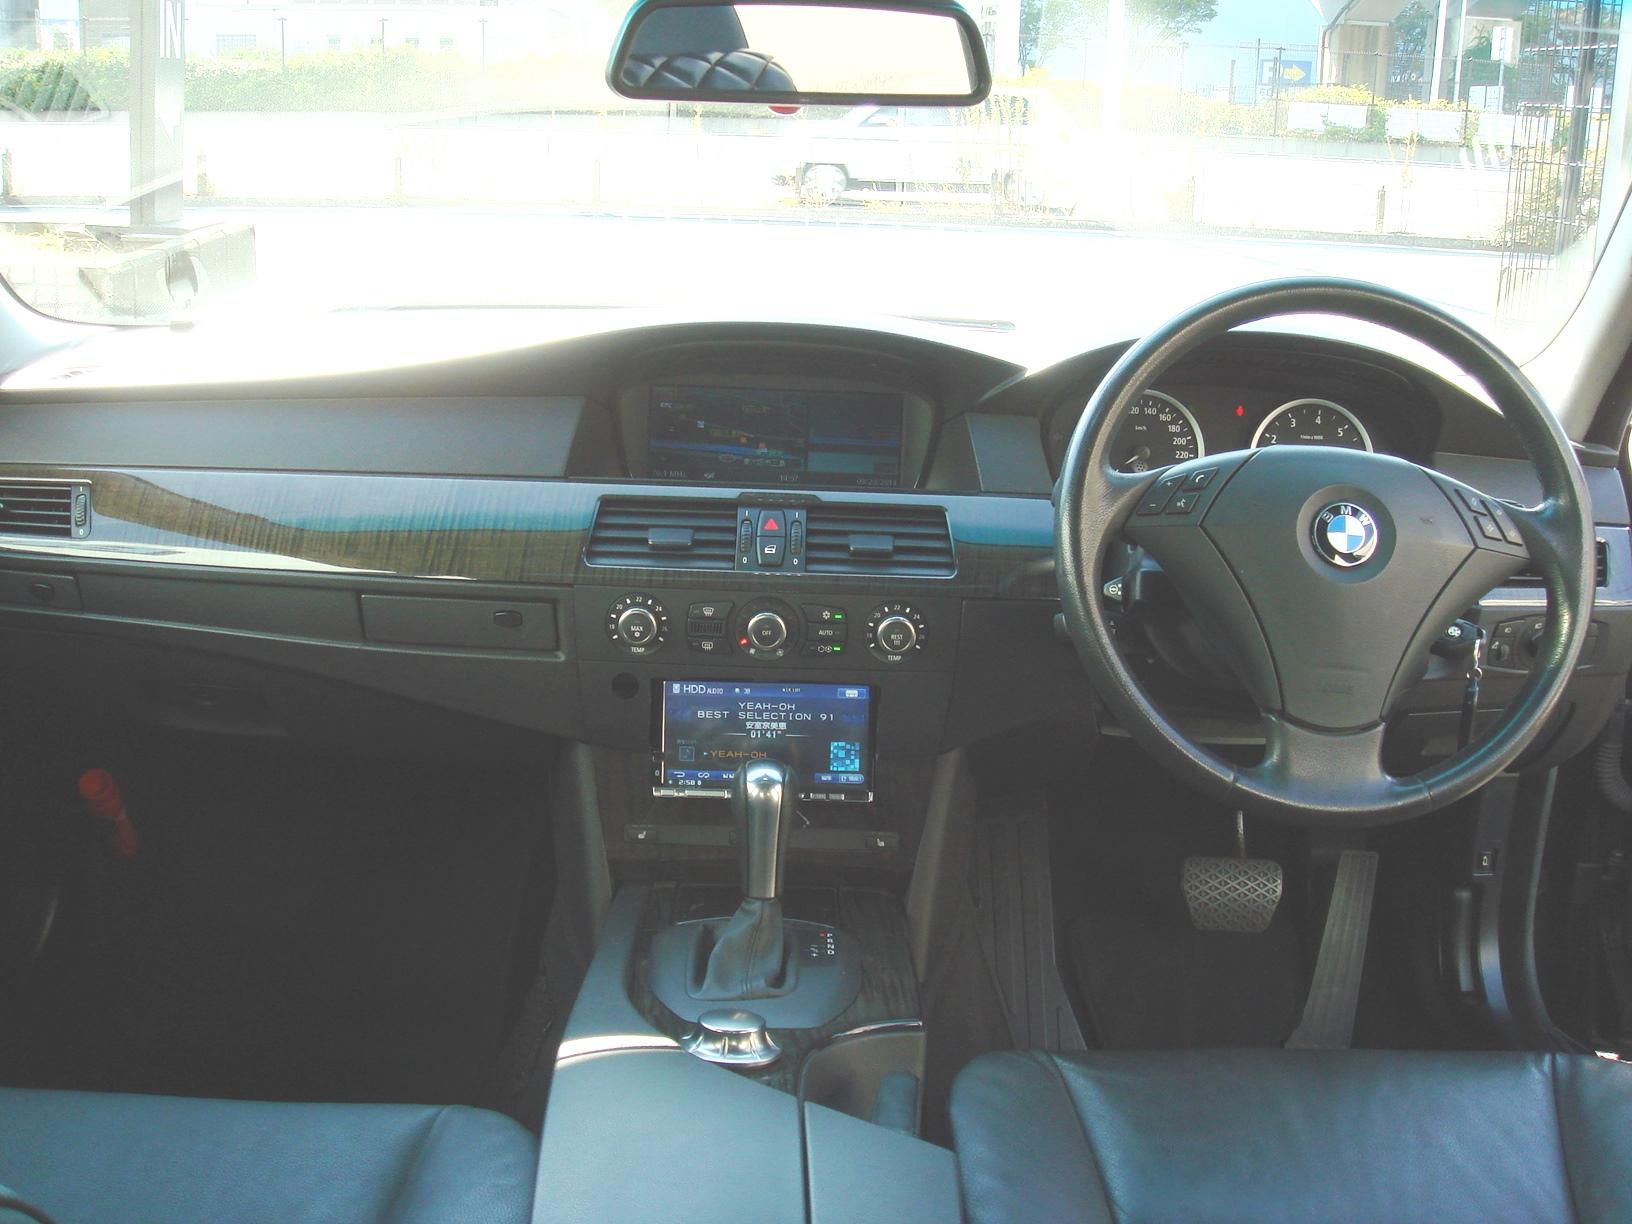 BMW 530i ハイラインパッケージ サンルーフ 後期エンジン車両画像11